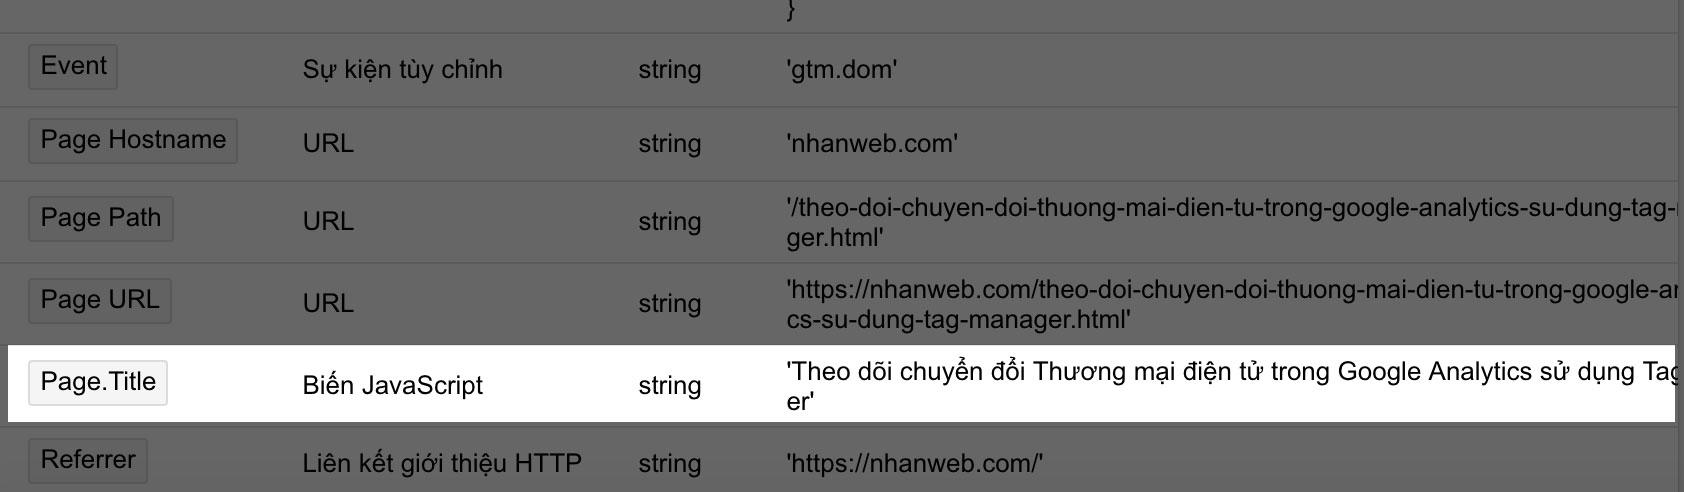 Kết quả biến nhận được khi sử dụng bảng xem trước của Google Tag Manager